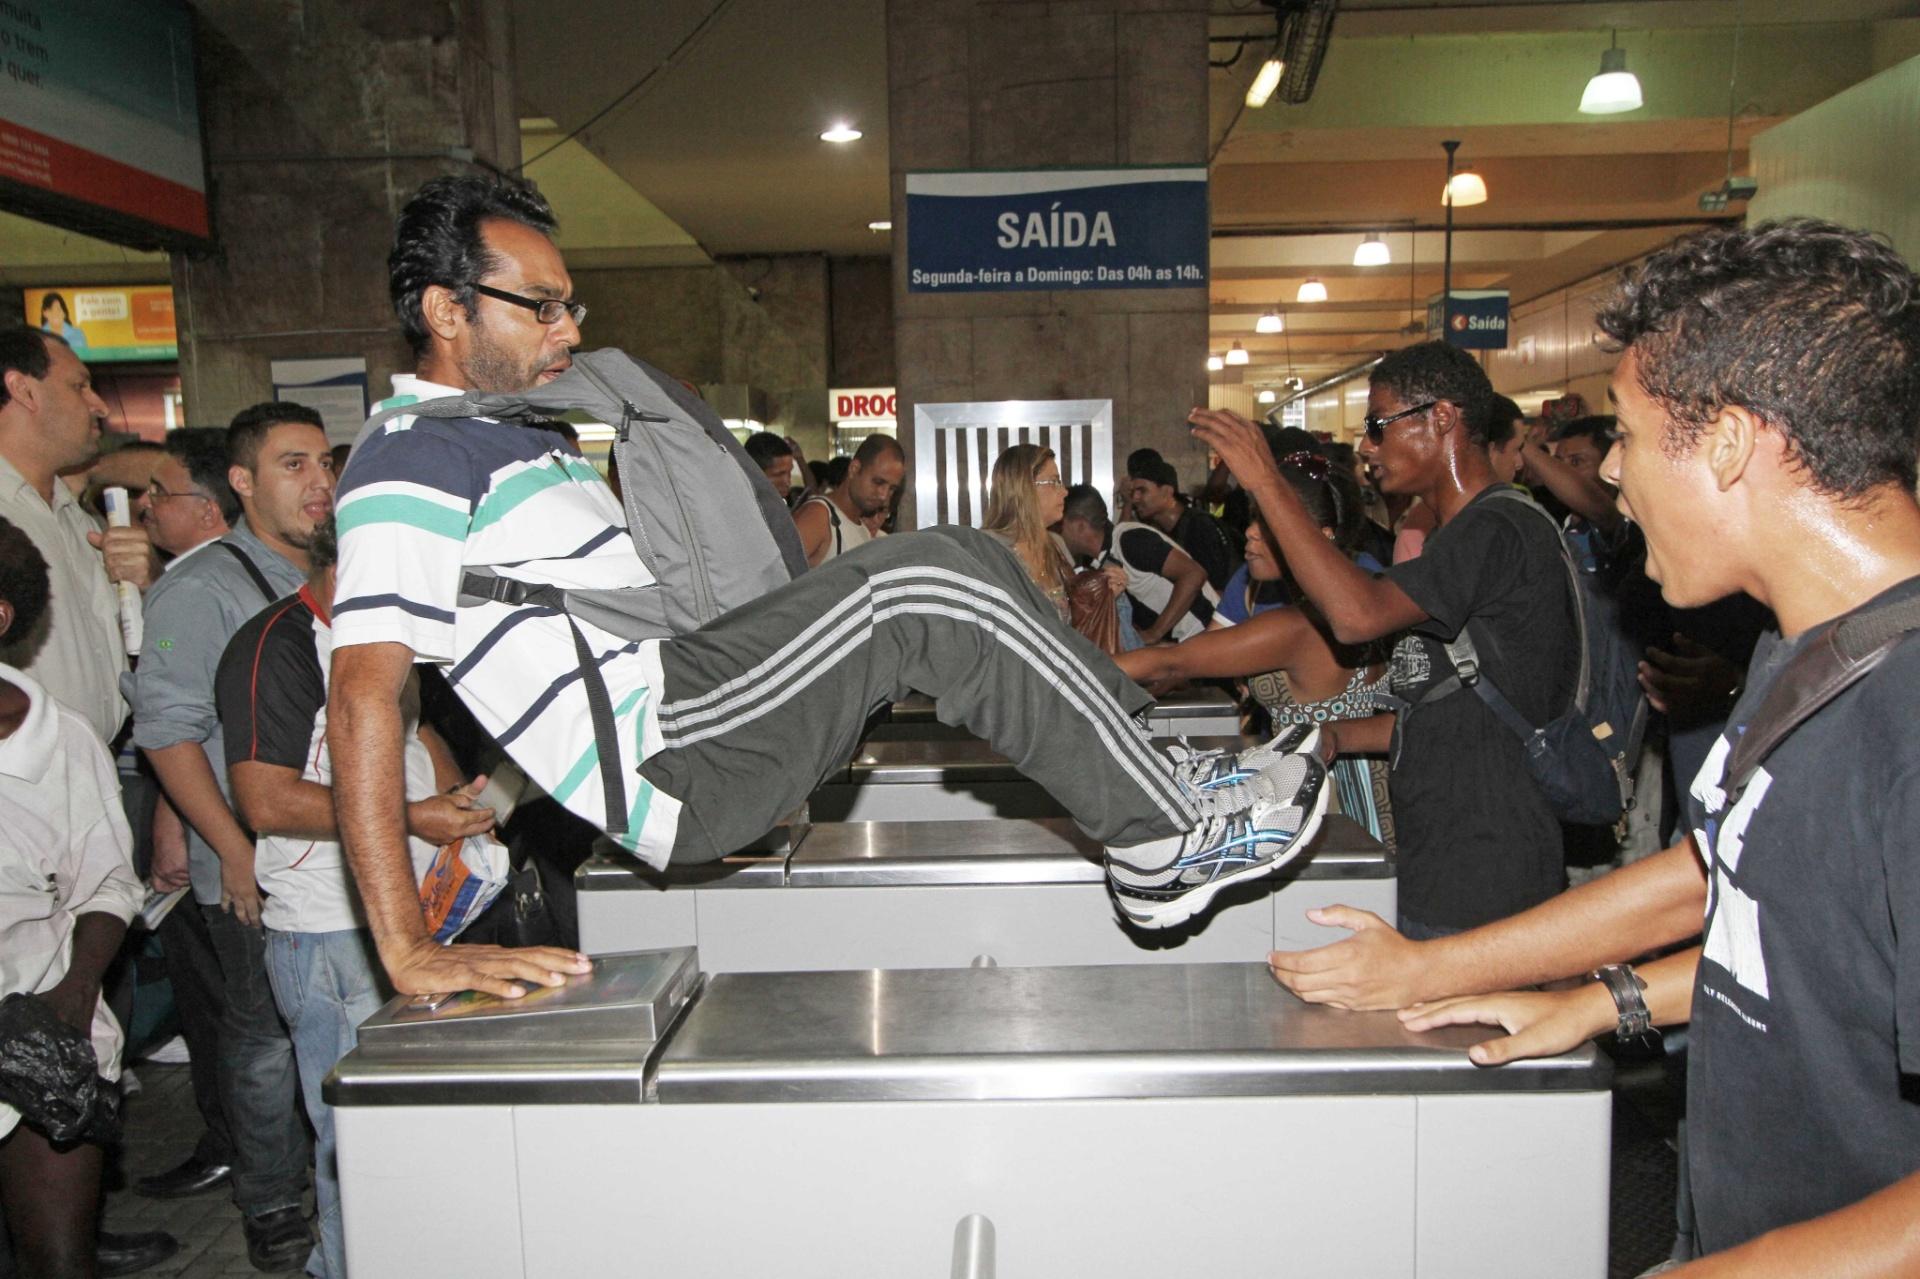 30.jan.2014 - Centenas de passageiros pularam ou passaram por baixo das catracas da estação de trens da Central do Brasil, no centro do Rio de Janeiro, nesta quinta-feira (30), durante